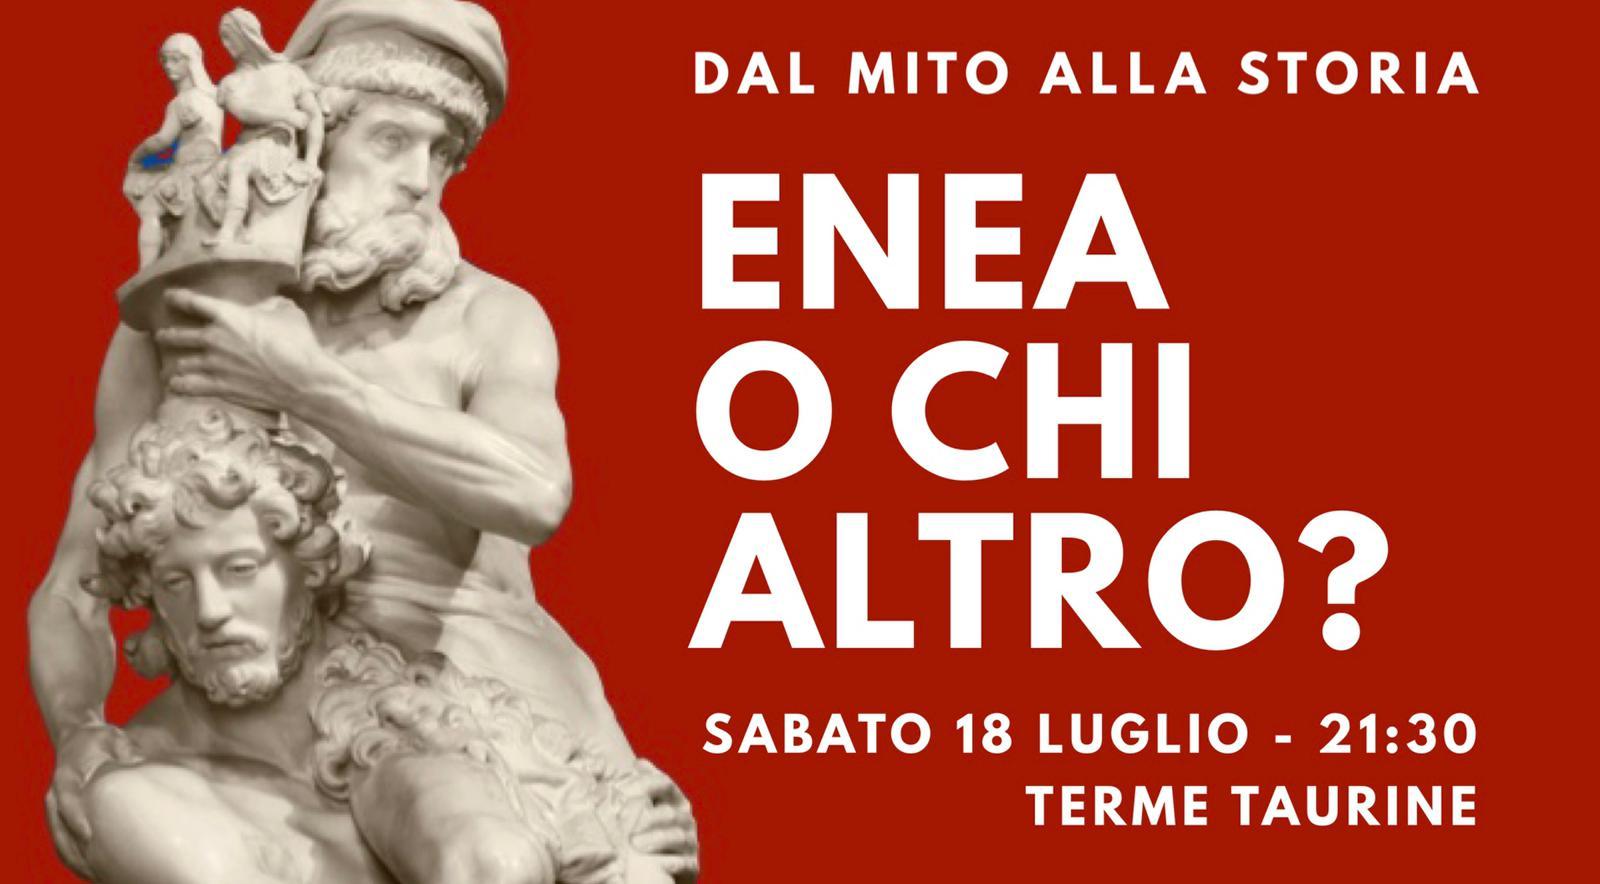 L'ENEIDE di scena sabato alle Terme di Traiano